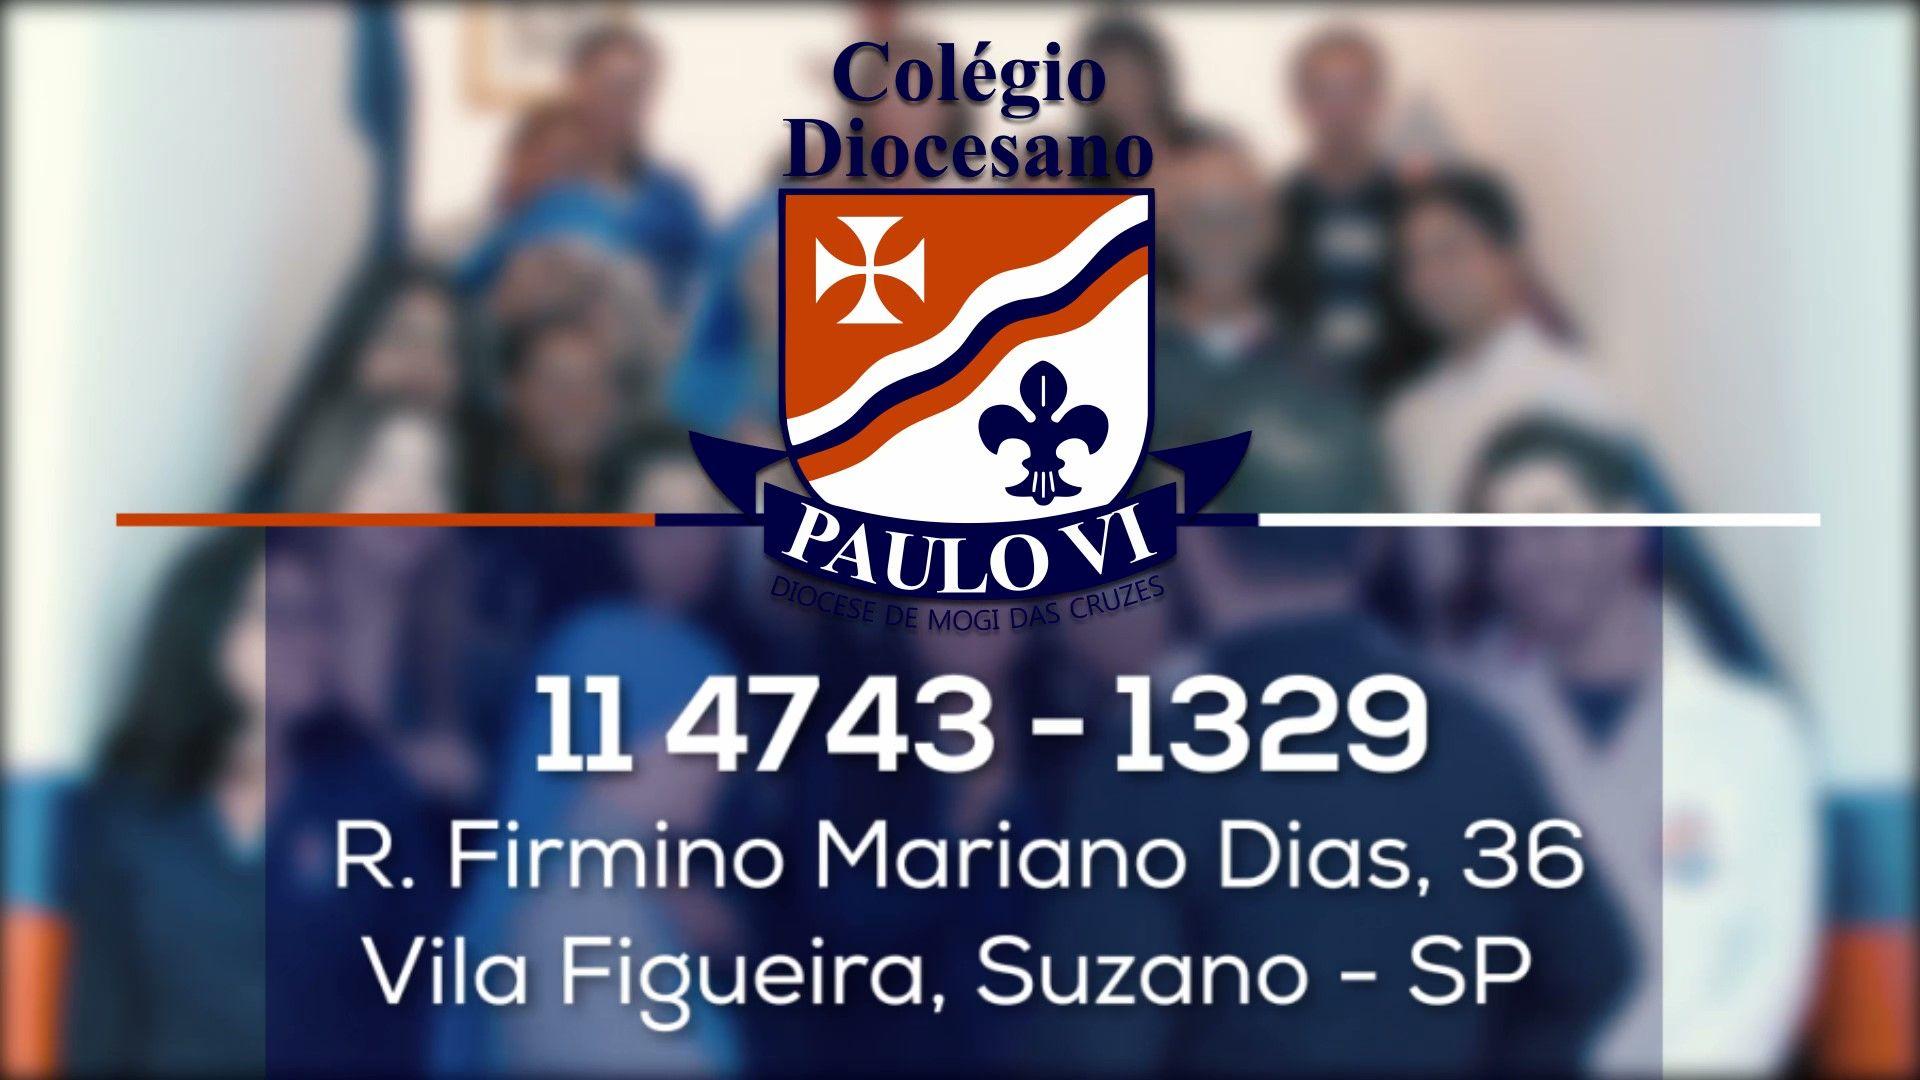 Conheça o Colégio Diocesano Paulo VI